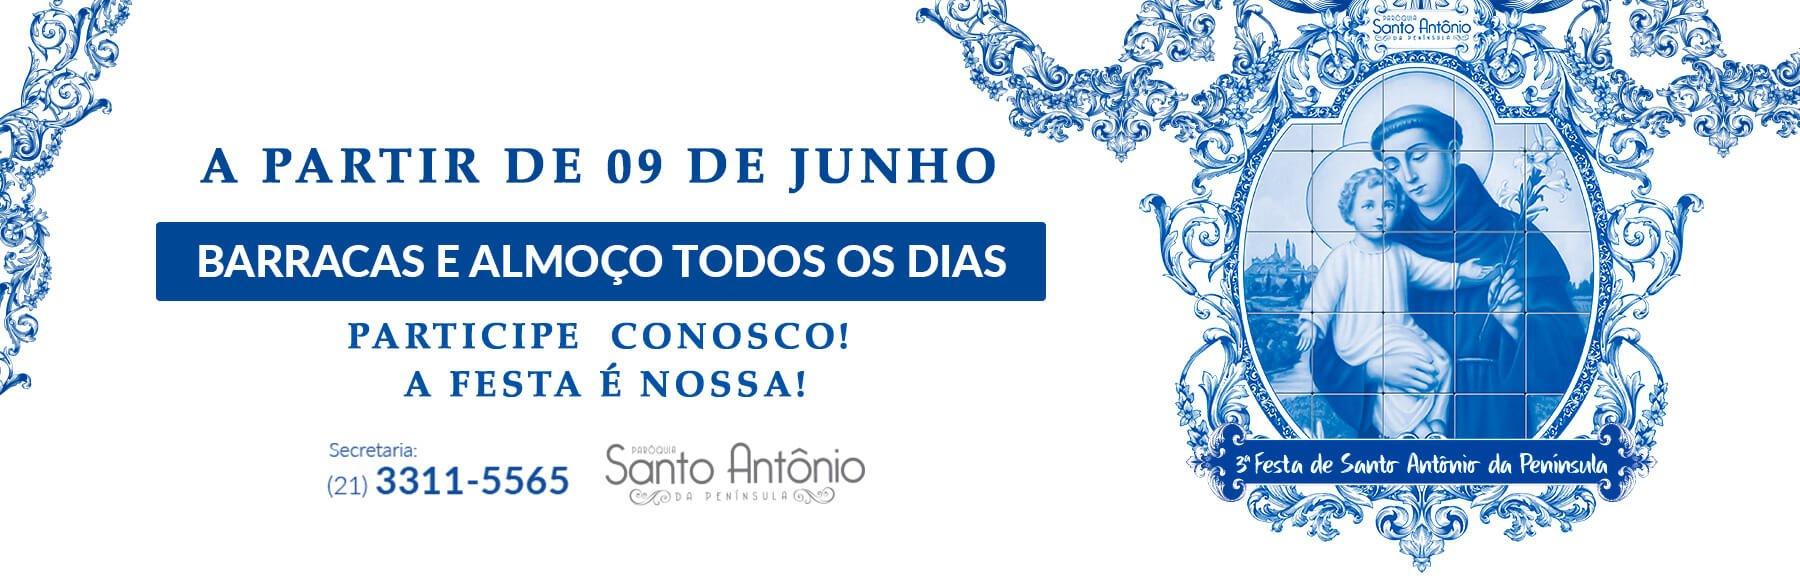 3ª FESTA DE SANTO ANTÔNIO